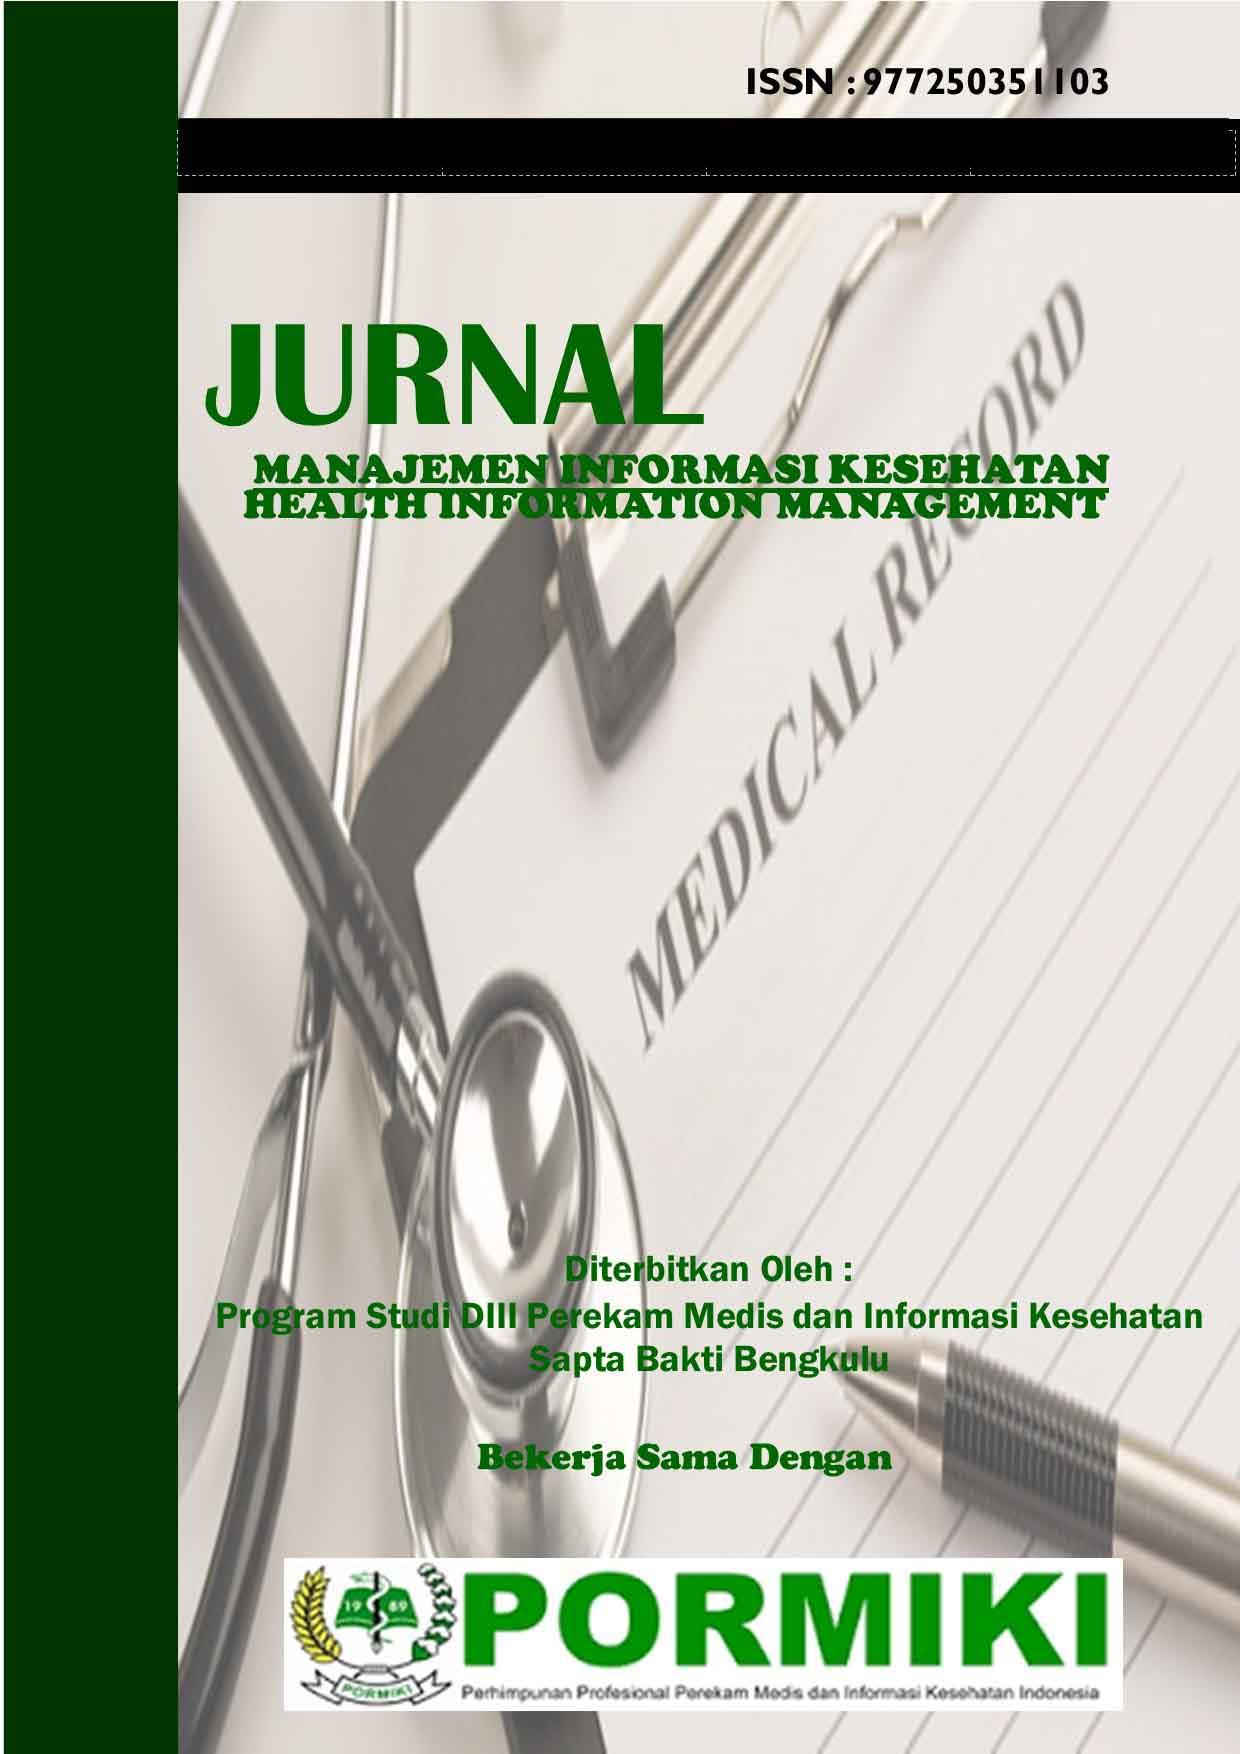 Jurnal Manajemen Informasi Kesehatan (Health Information Management)